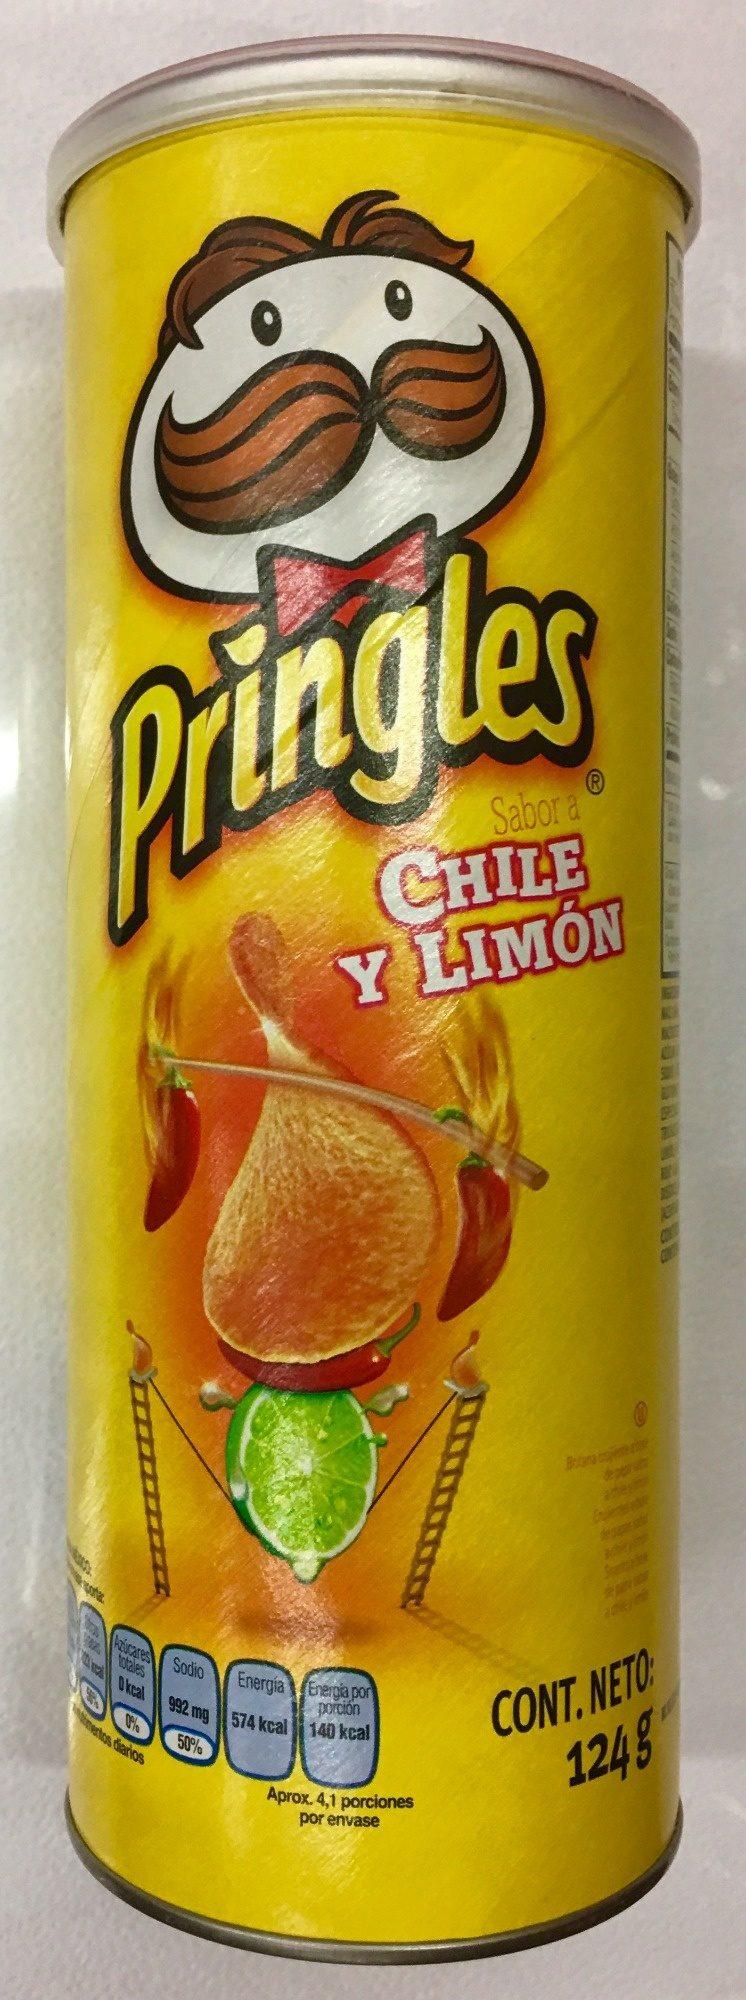 Pringles Chile y Limón - Producto - es